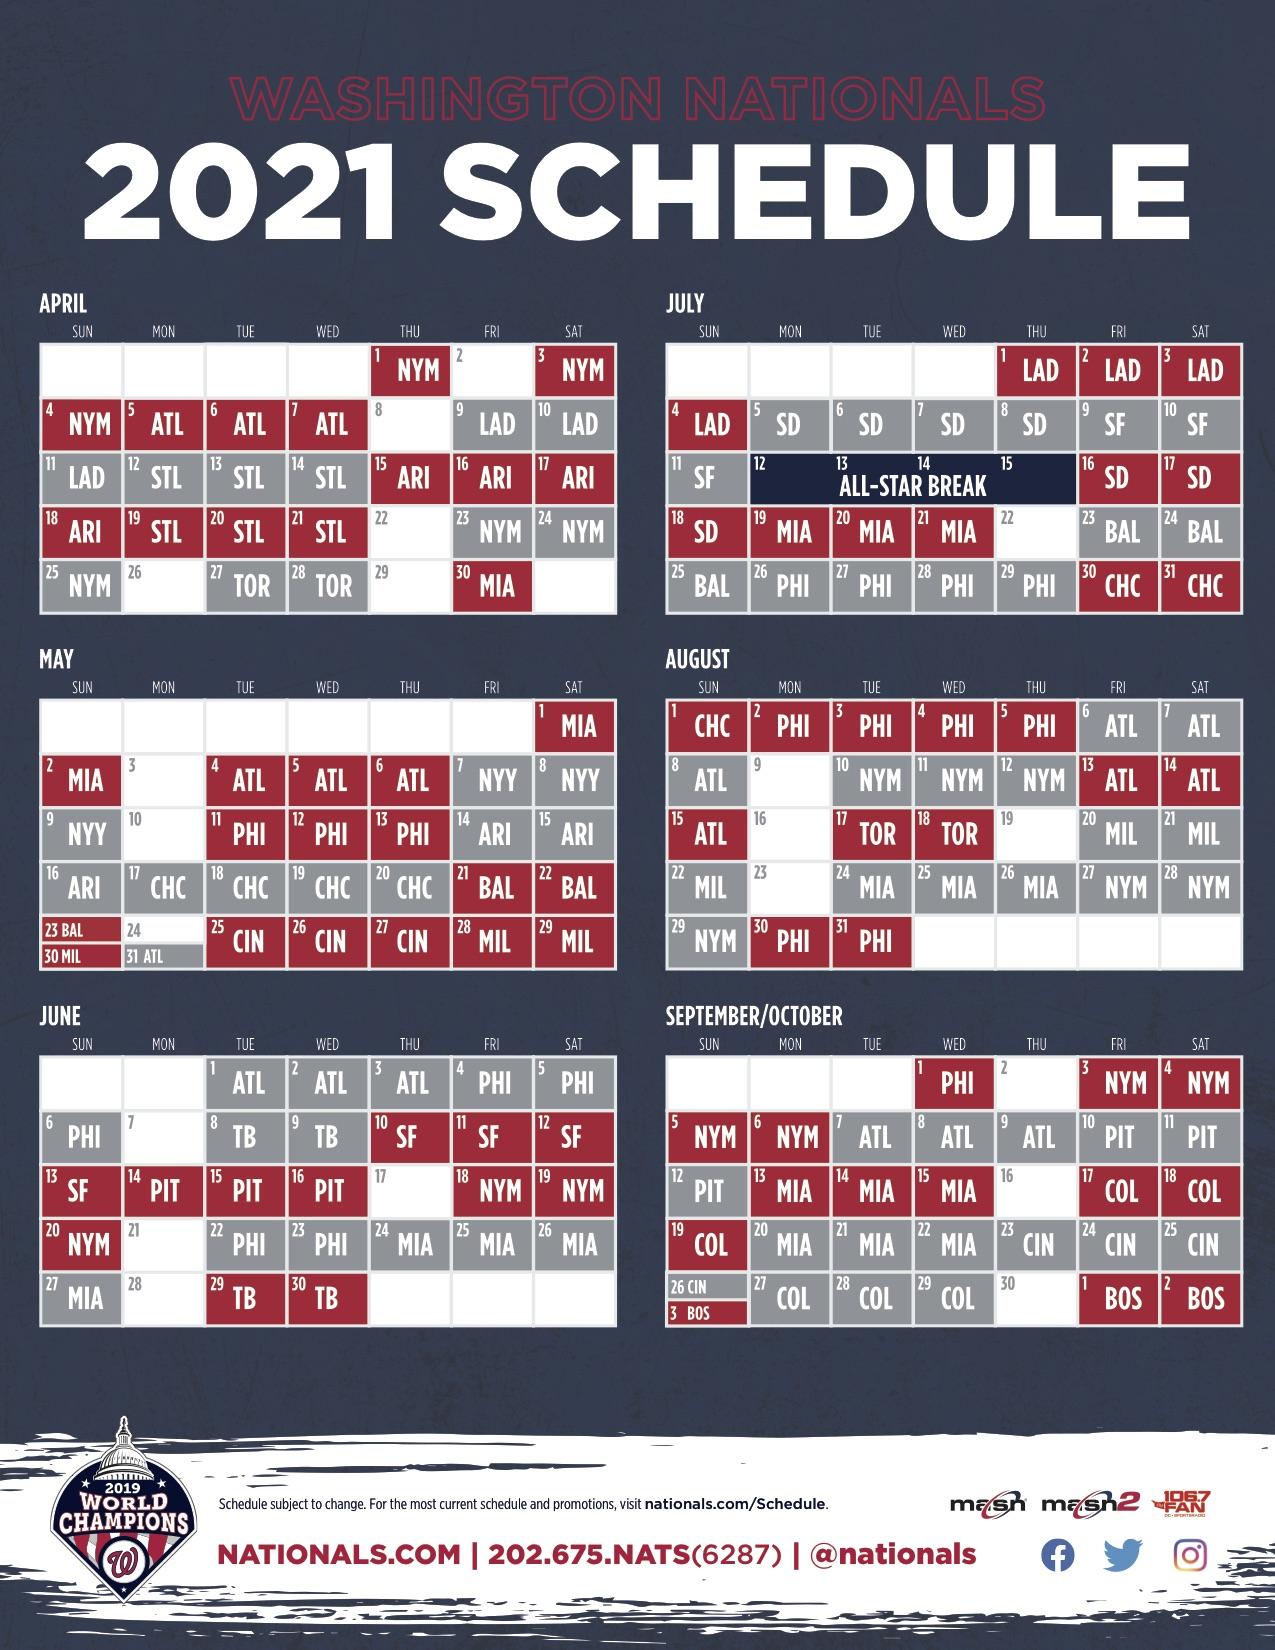 2021 Schedule Announced Nats To Host Mets In Opener